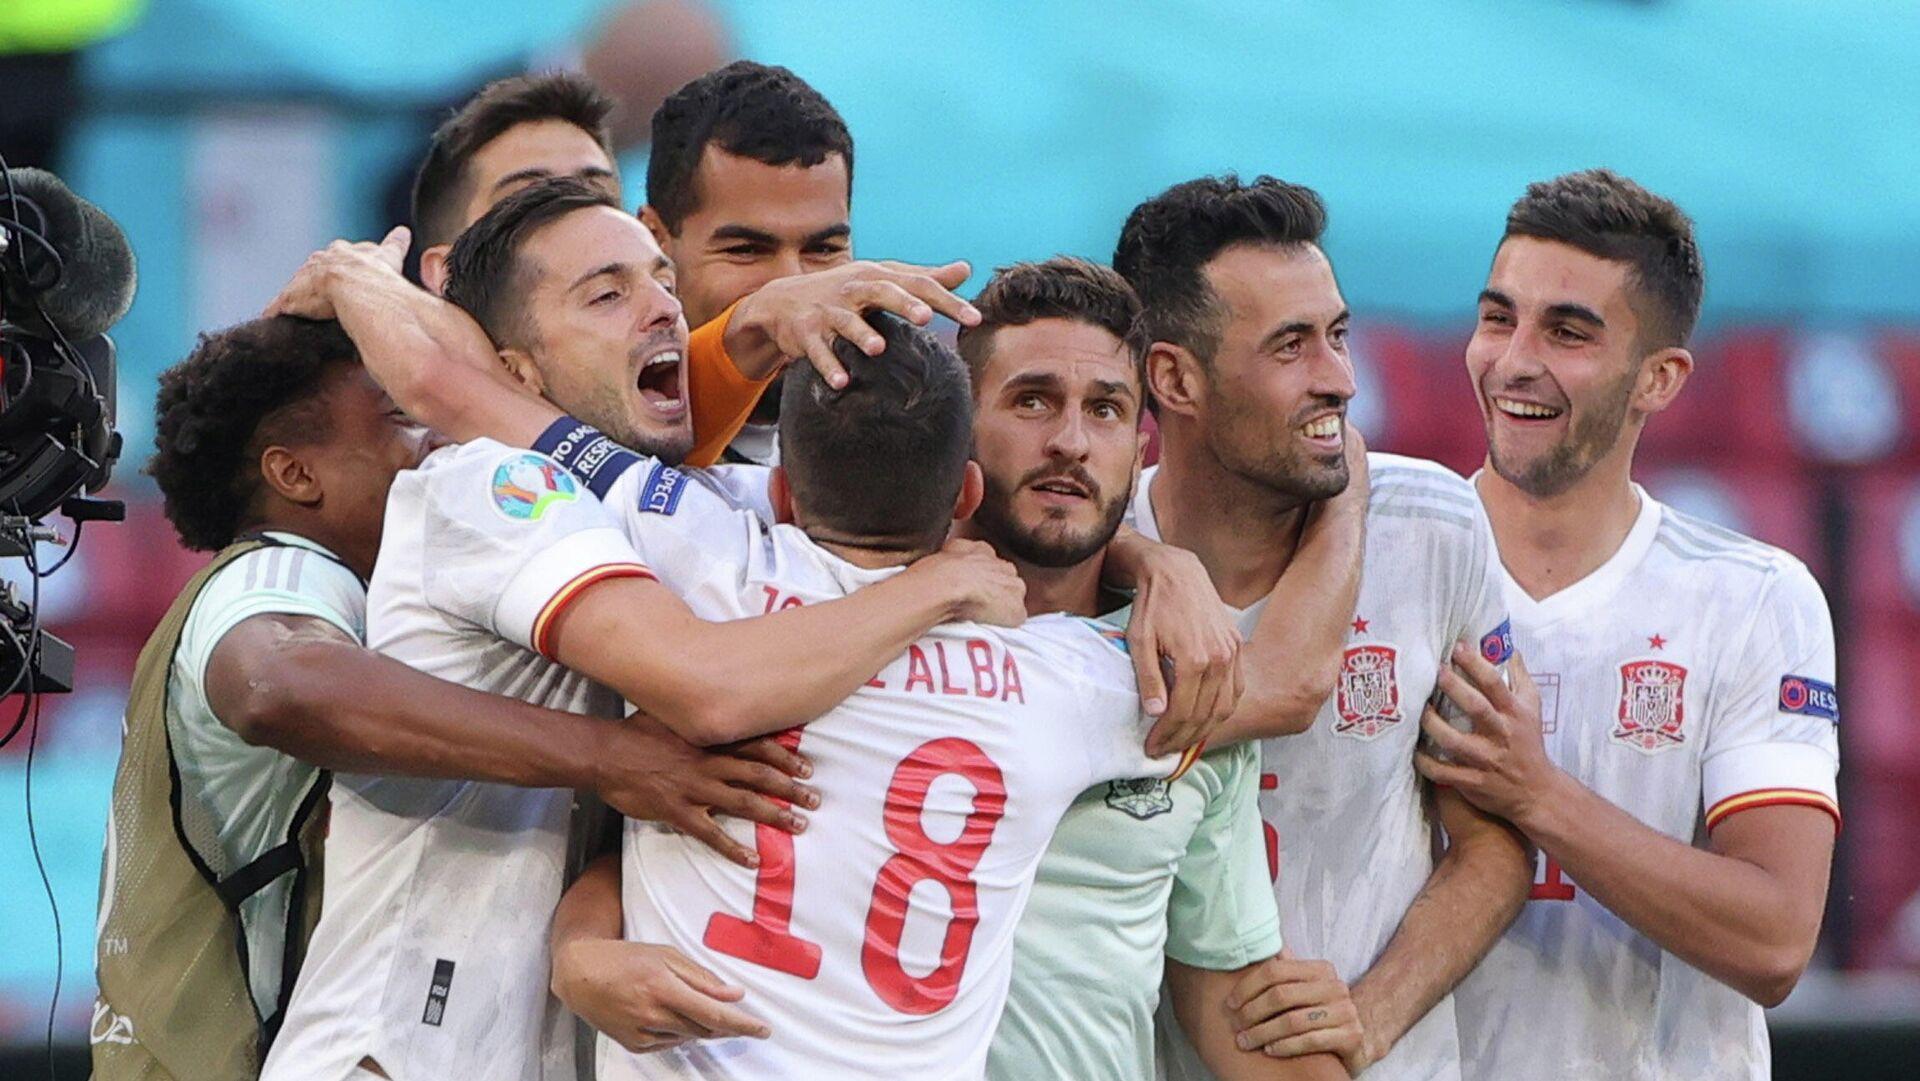 Selección española en la Eurocopa 2021 tras el partido con Croacia - Sputnik Mundo, 1920, 28.06.2021